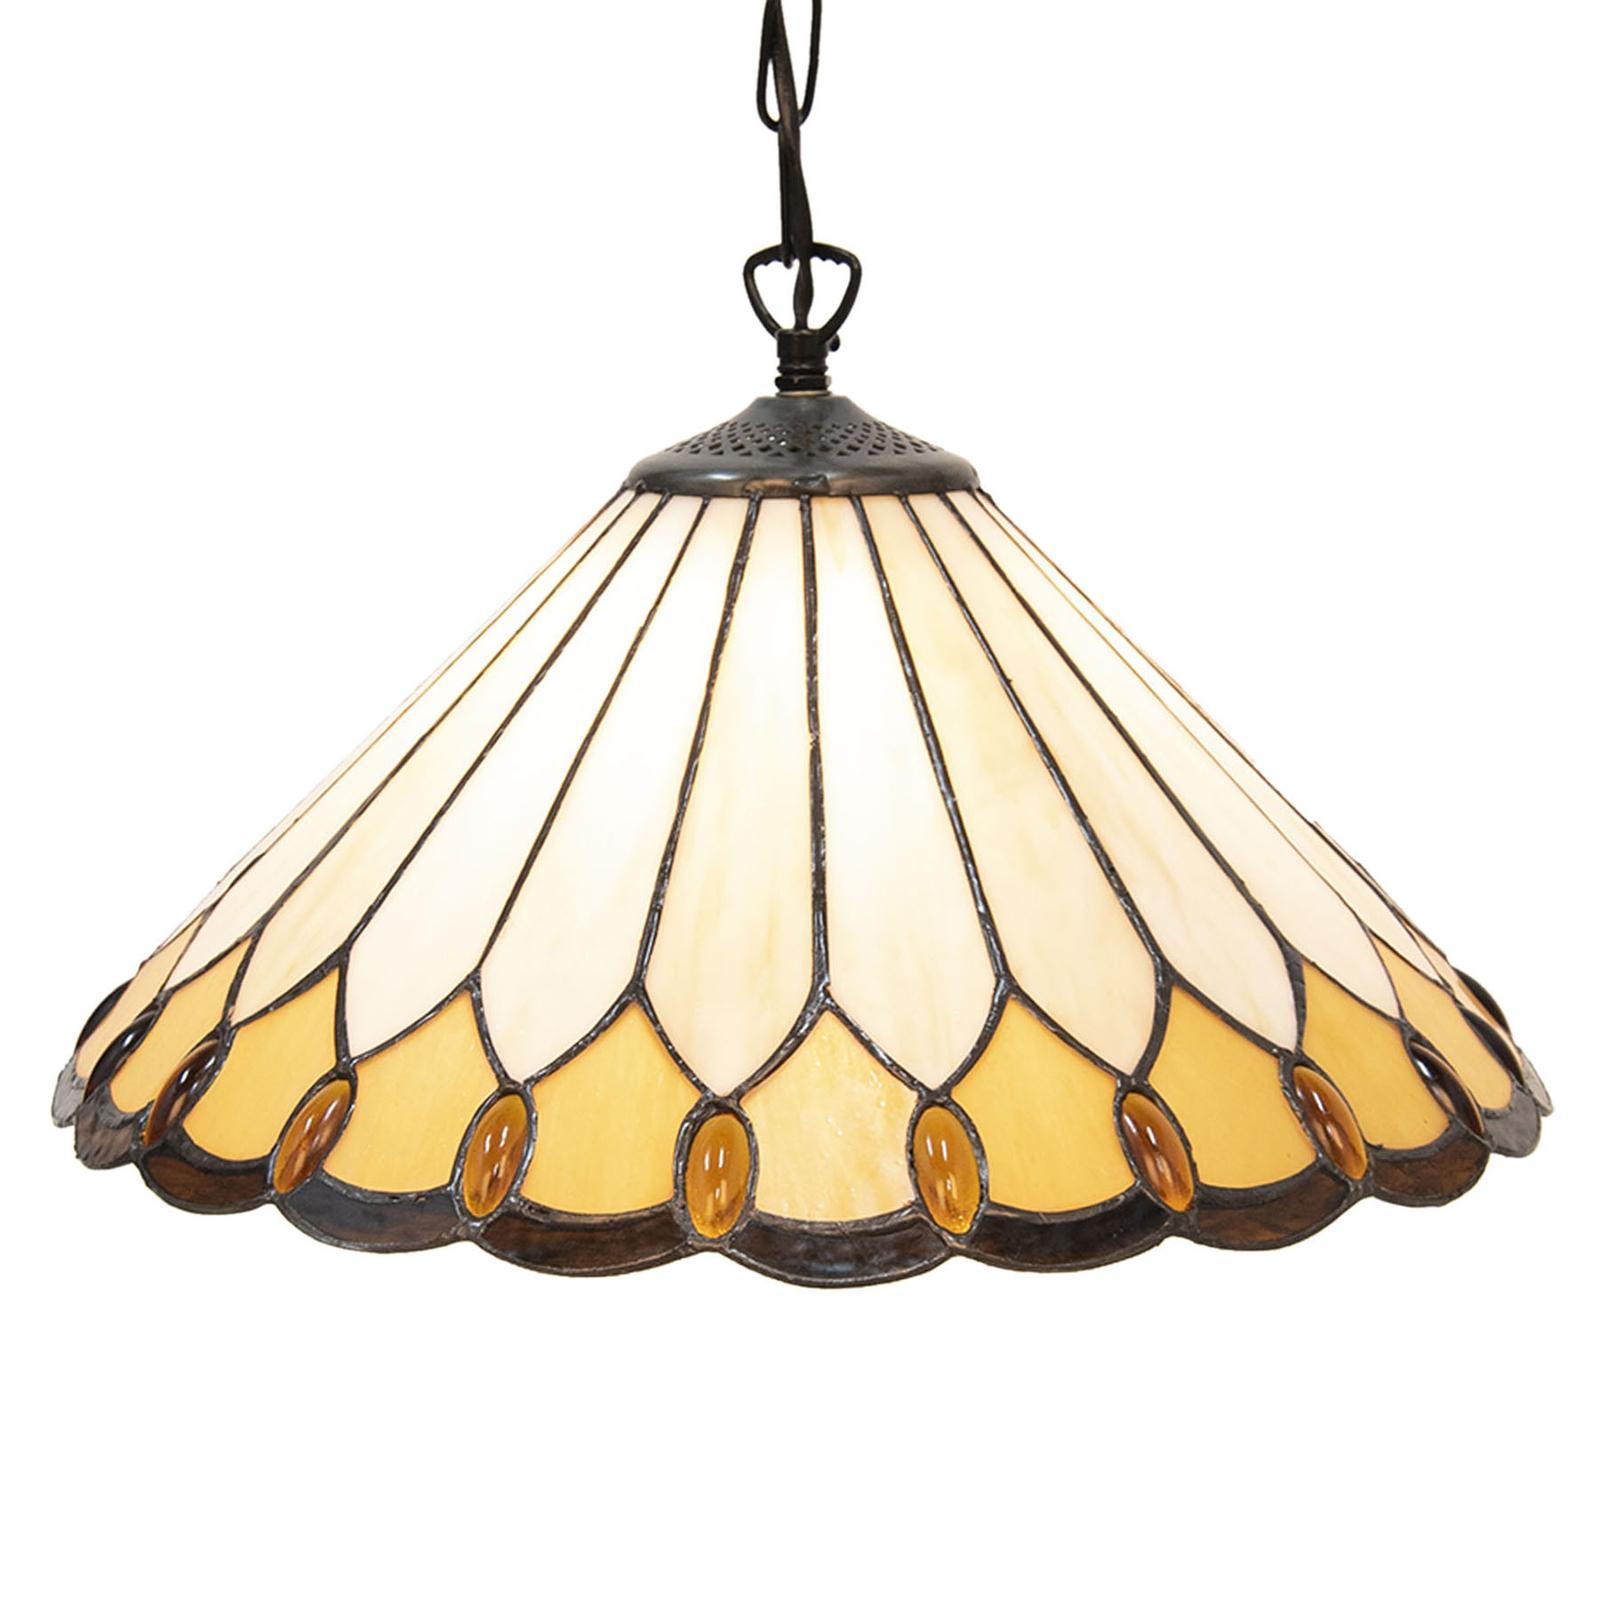 Hængelampe 5989 med kædeophæng